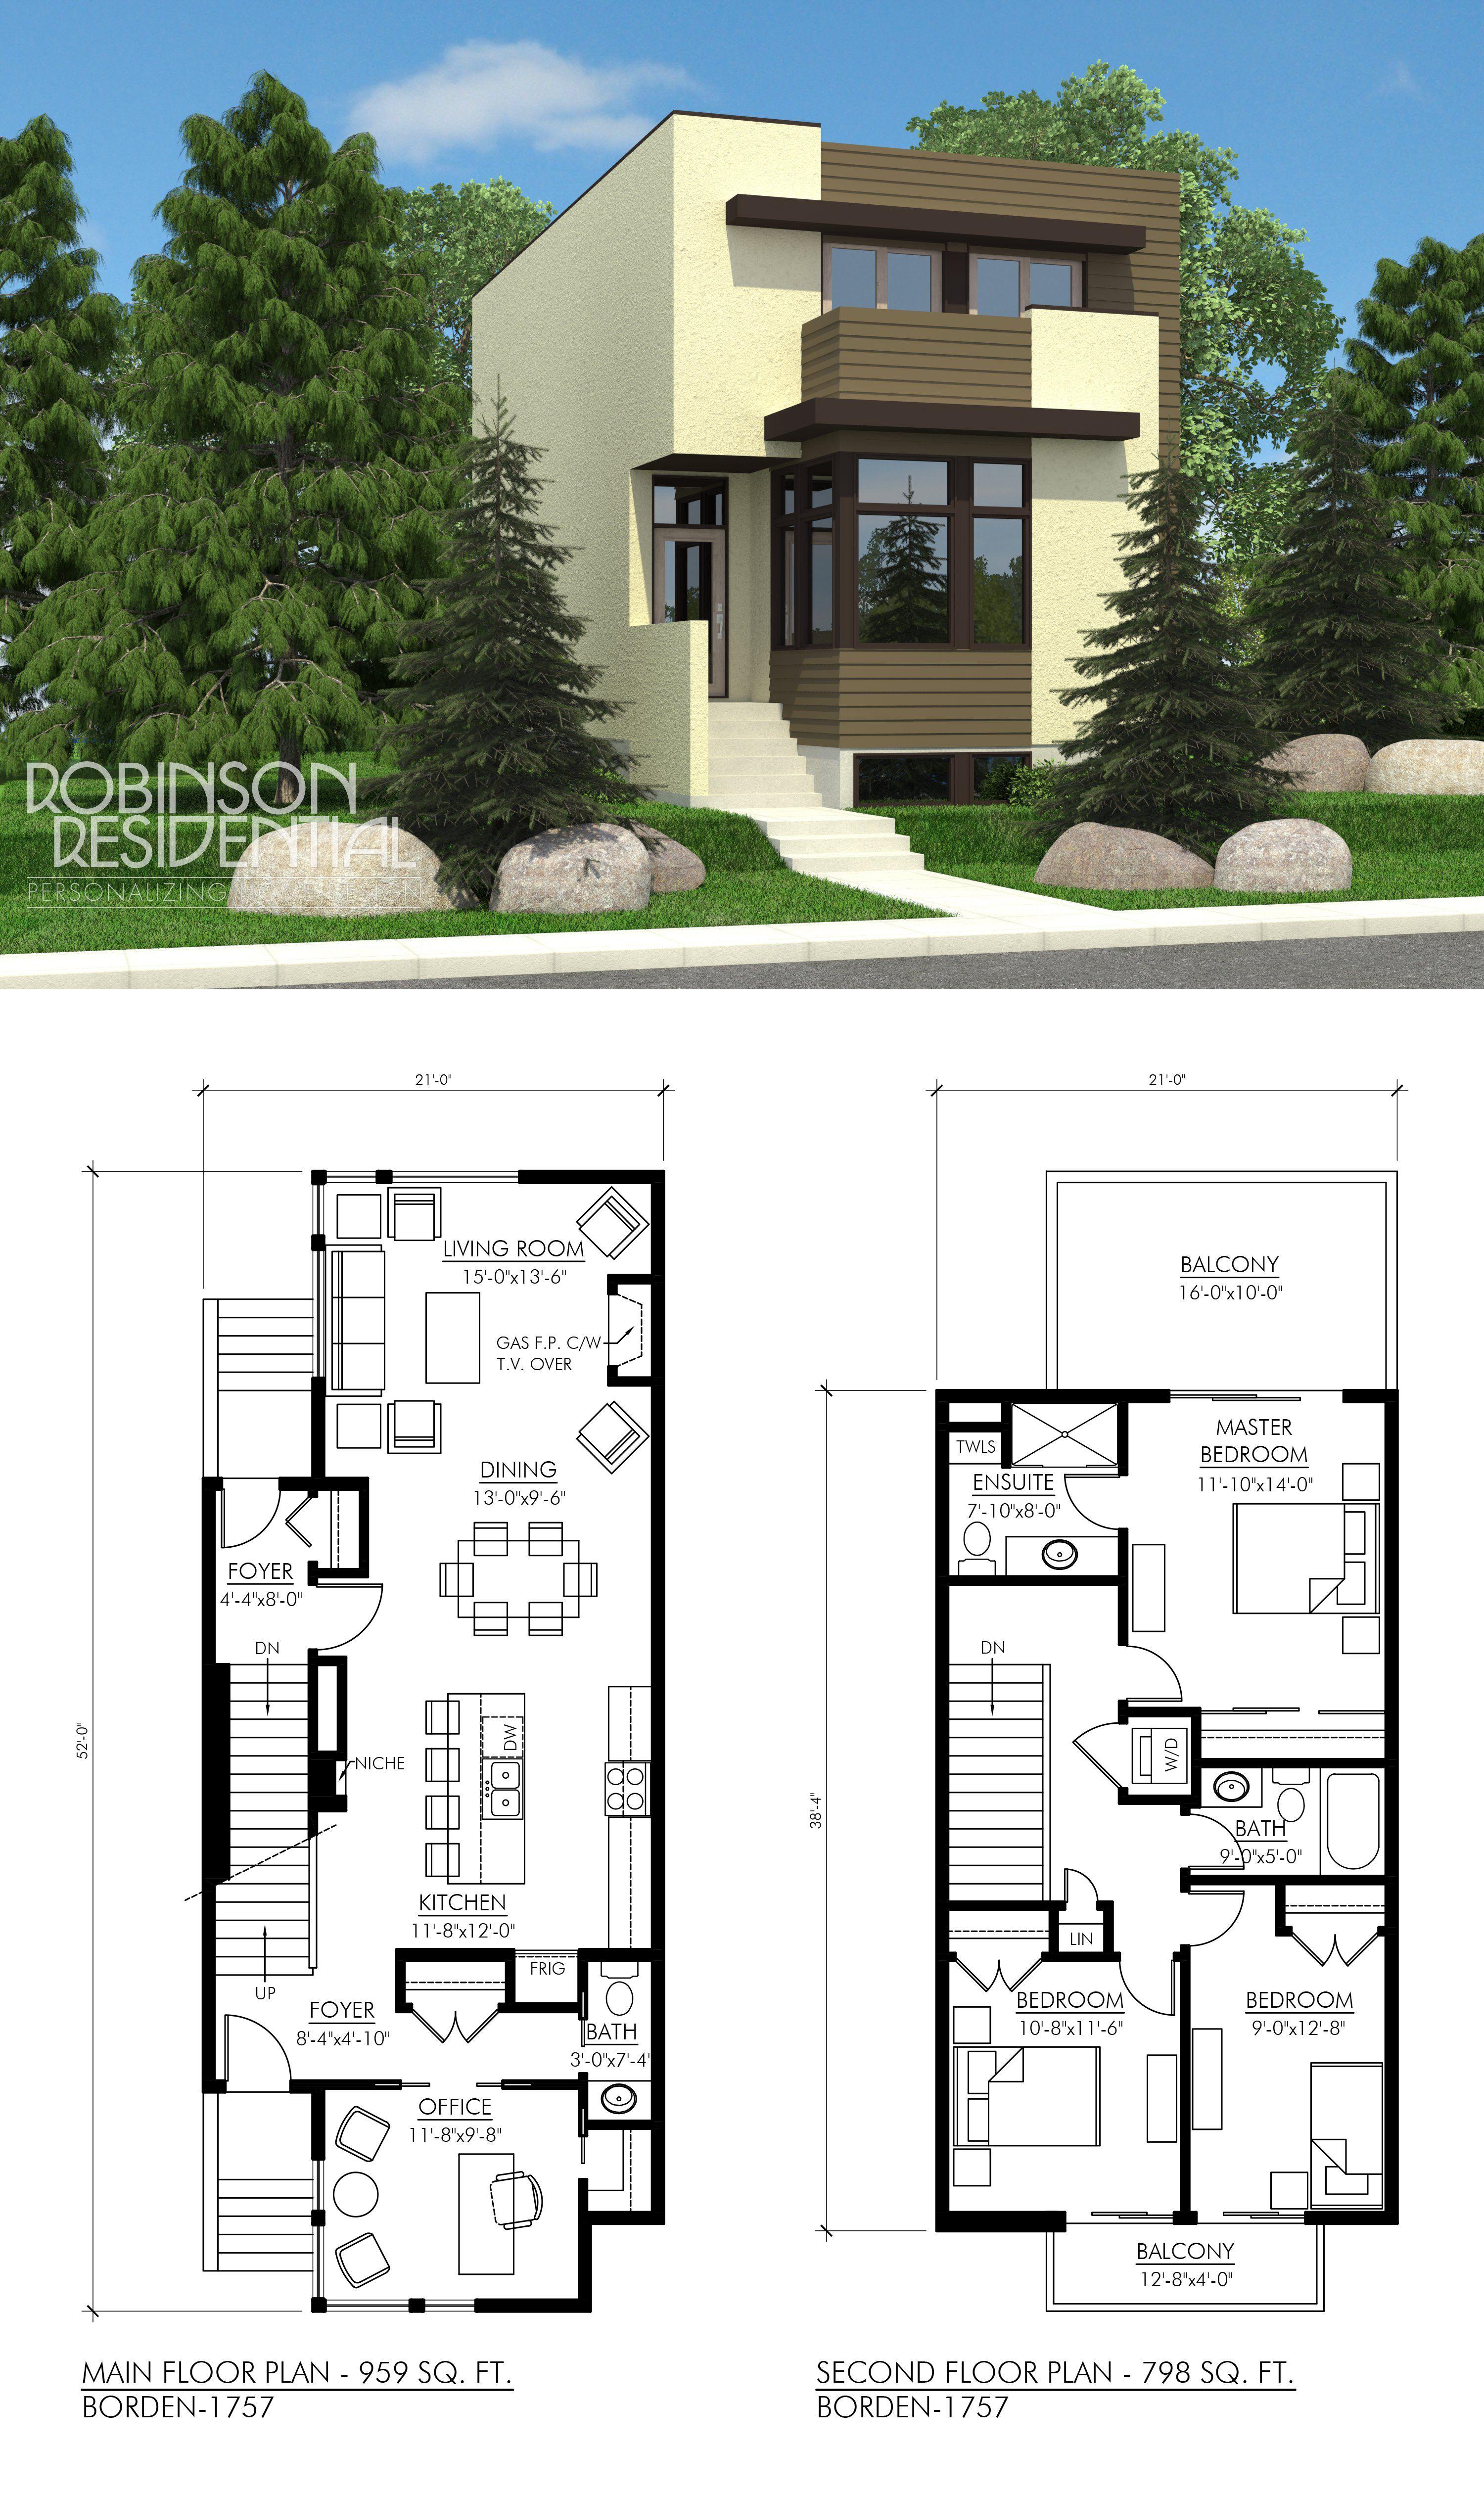 Contemporary Borden 1757 Contemporary Home Plans